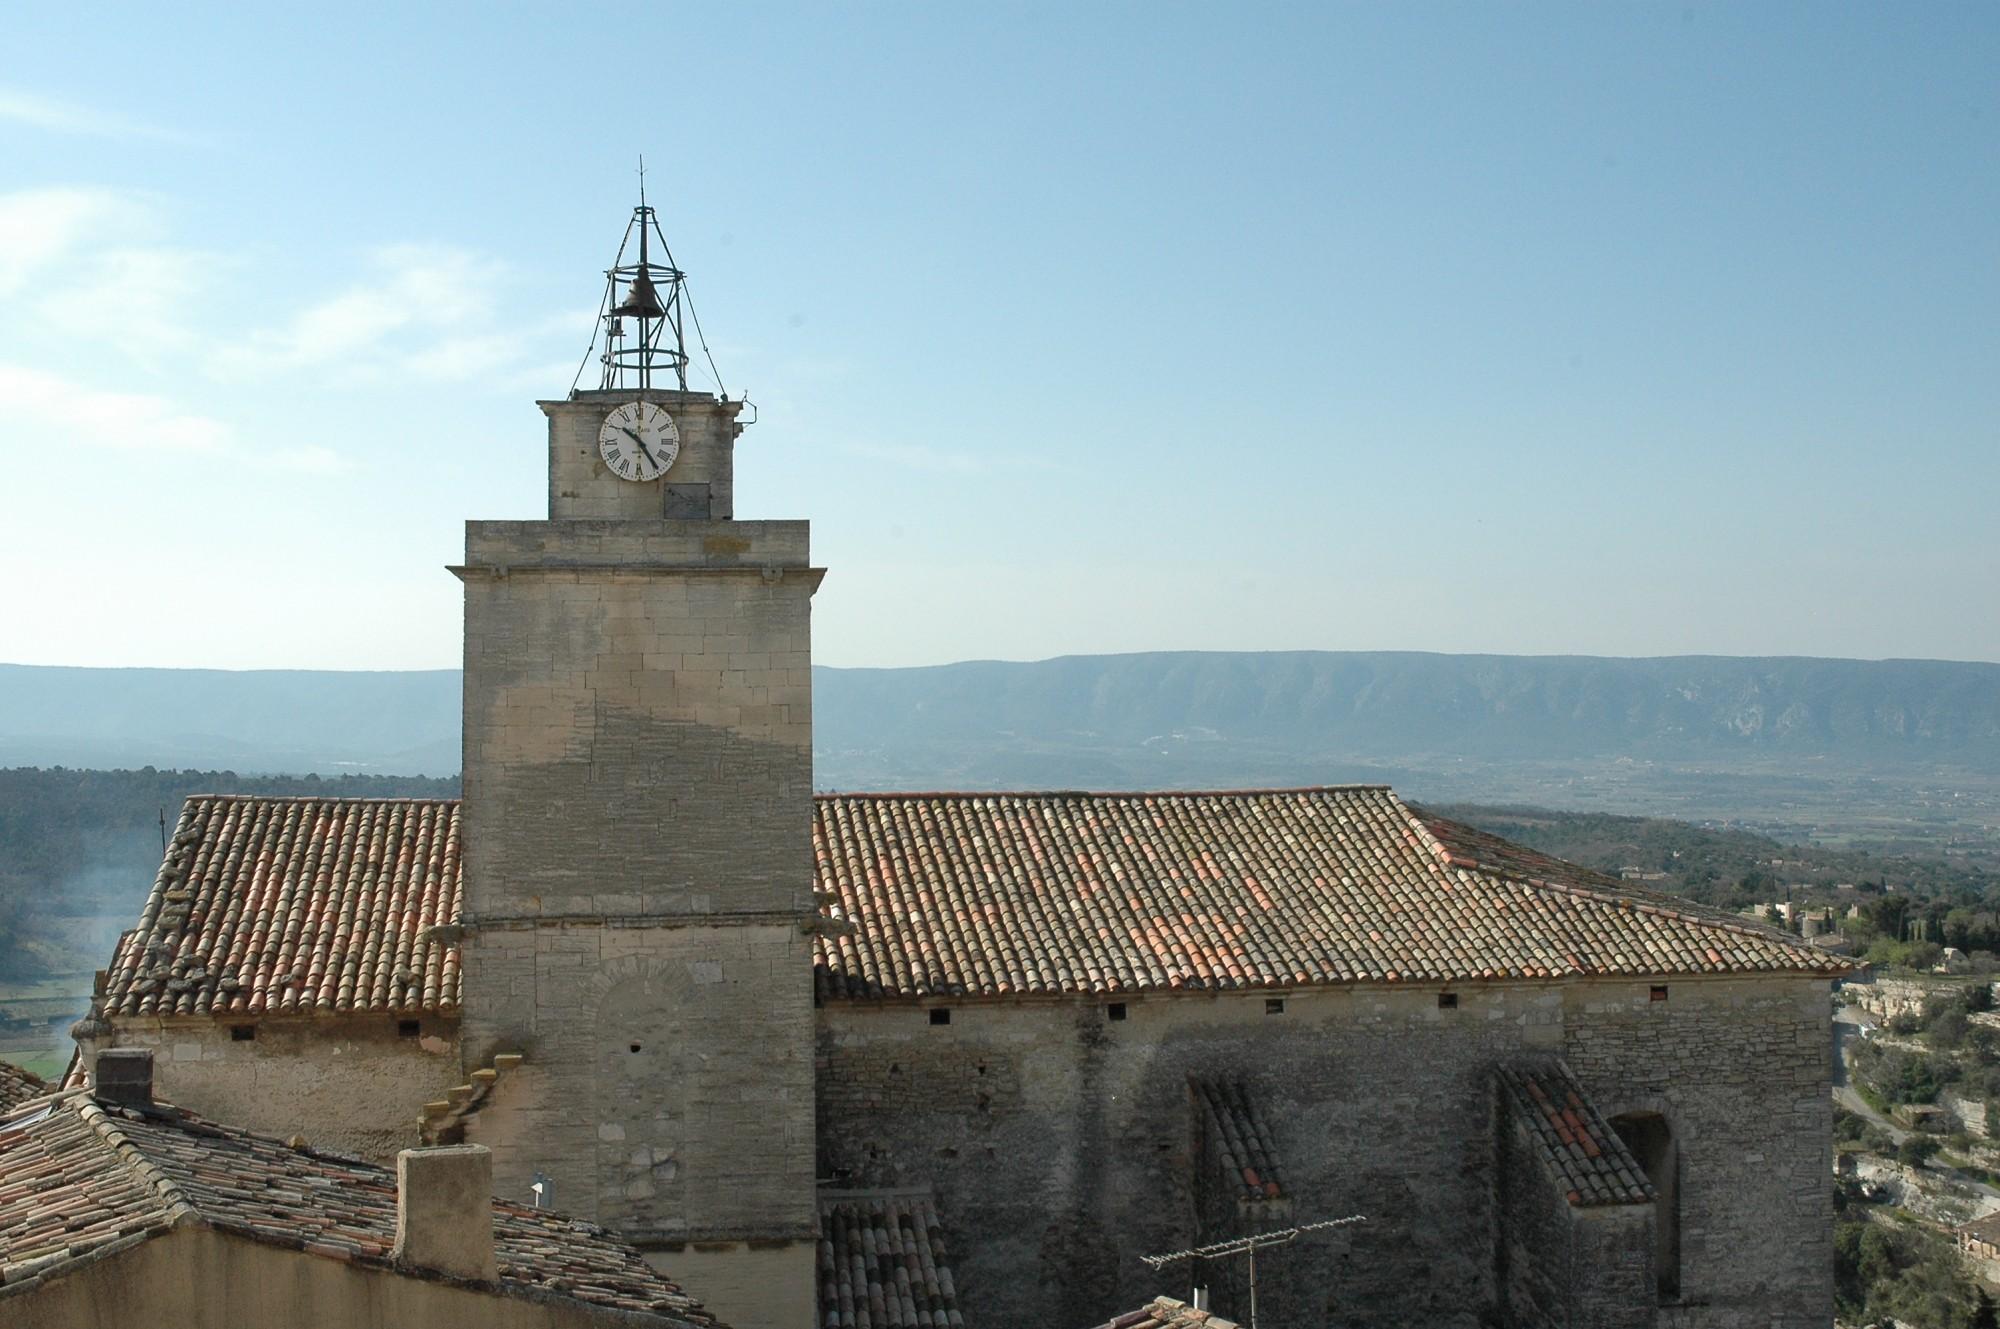 Le clocher et le toit de l'église de Gordes